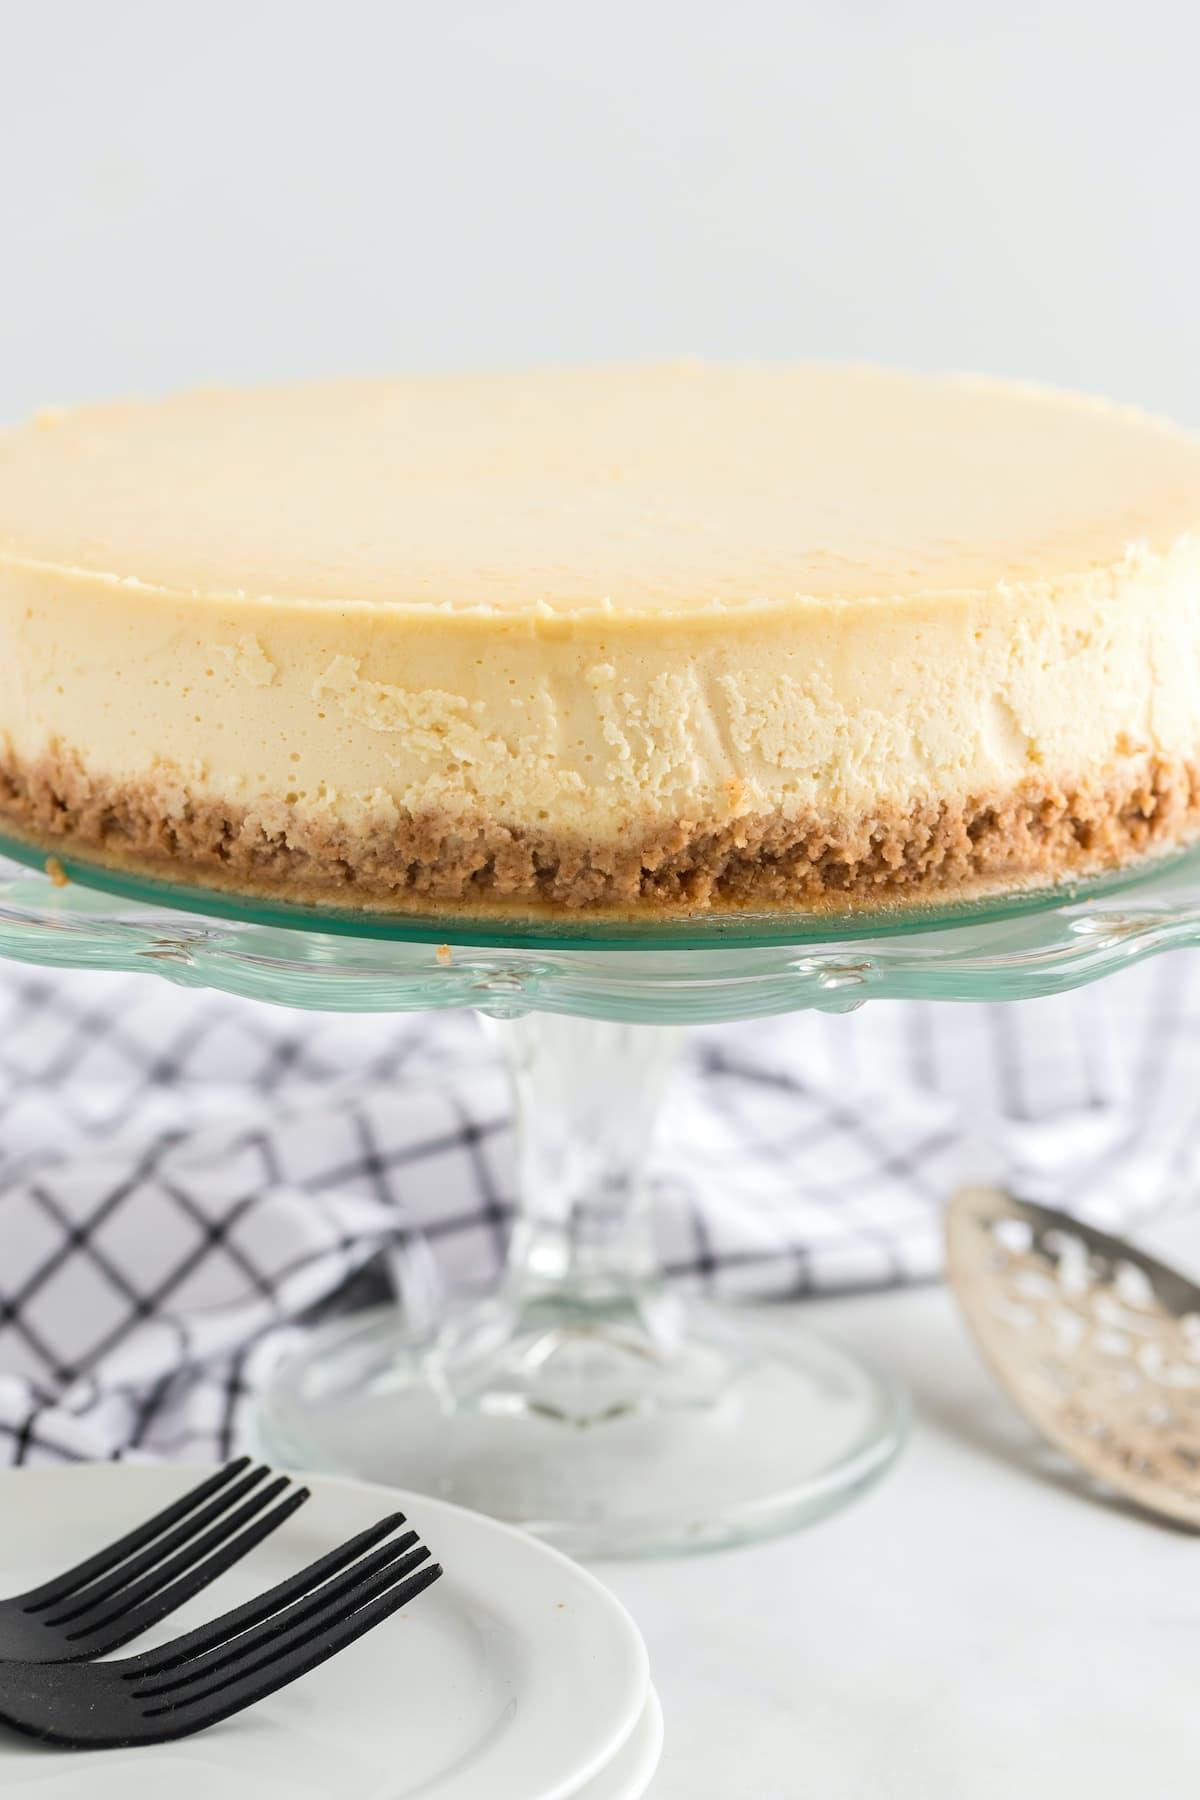 cheesecake hero image